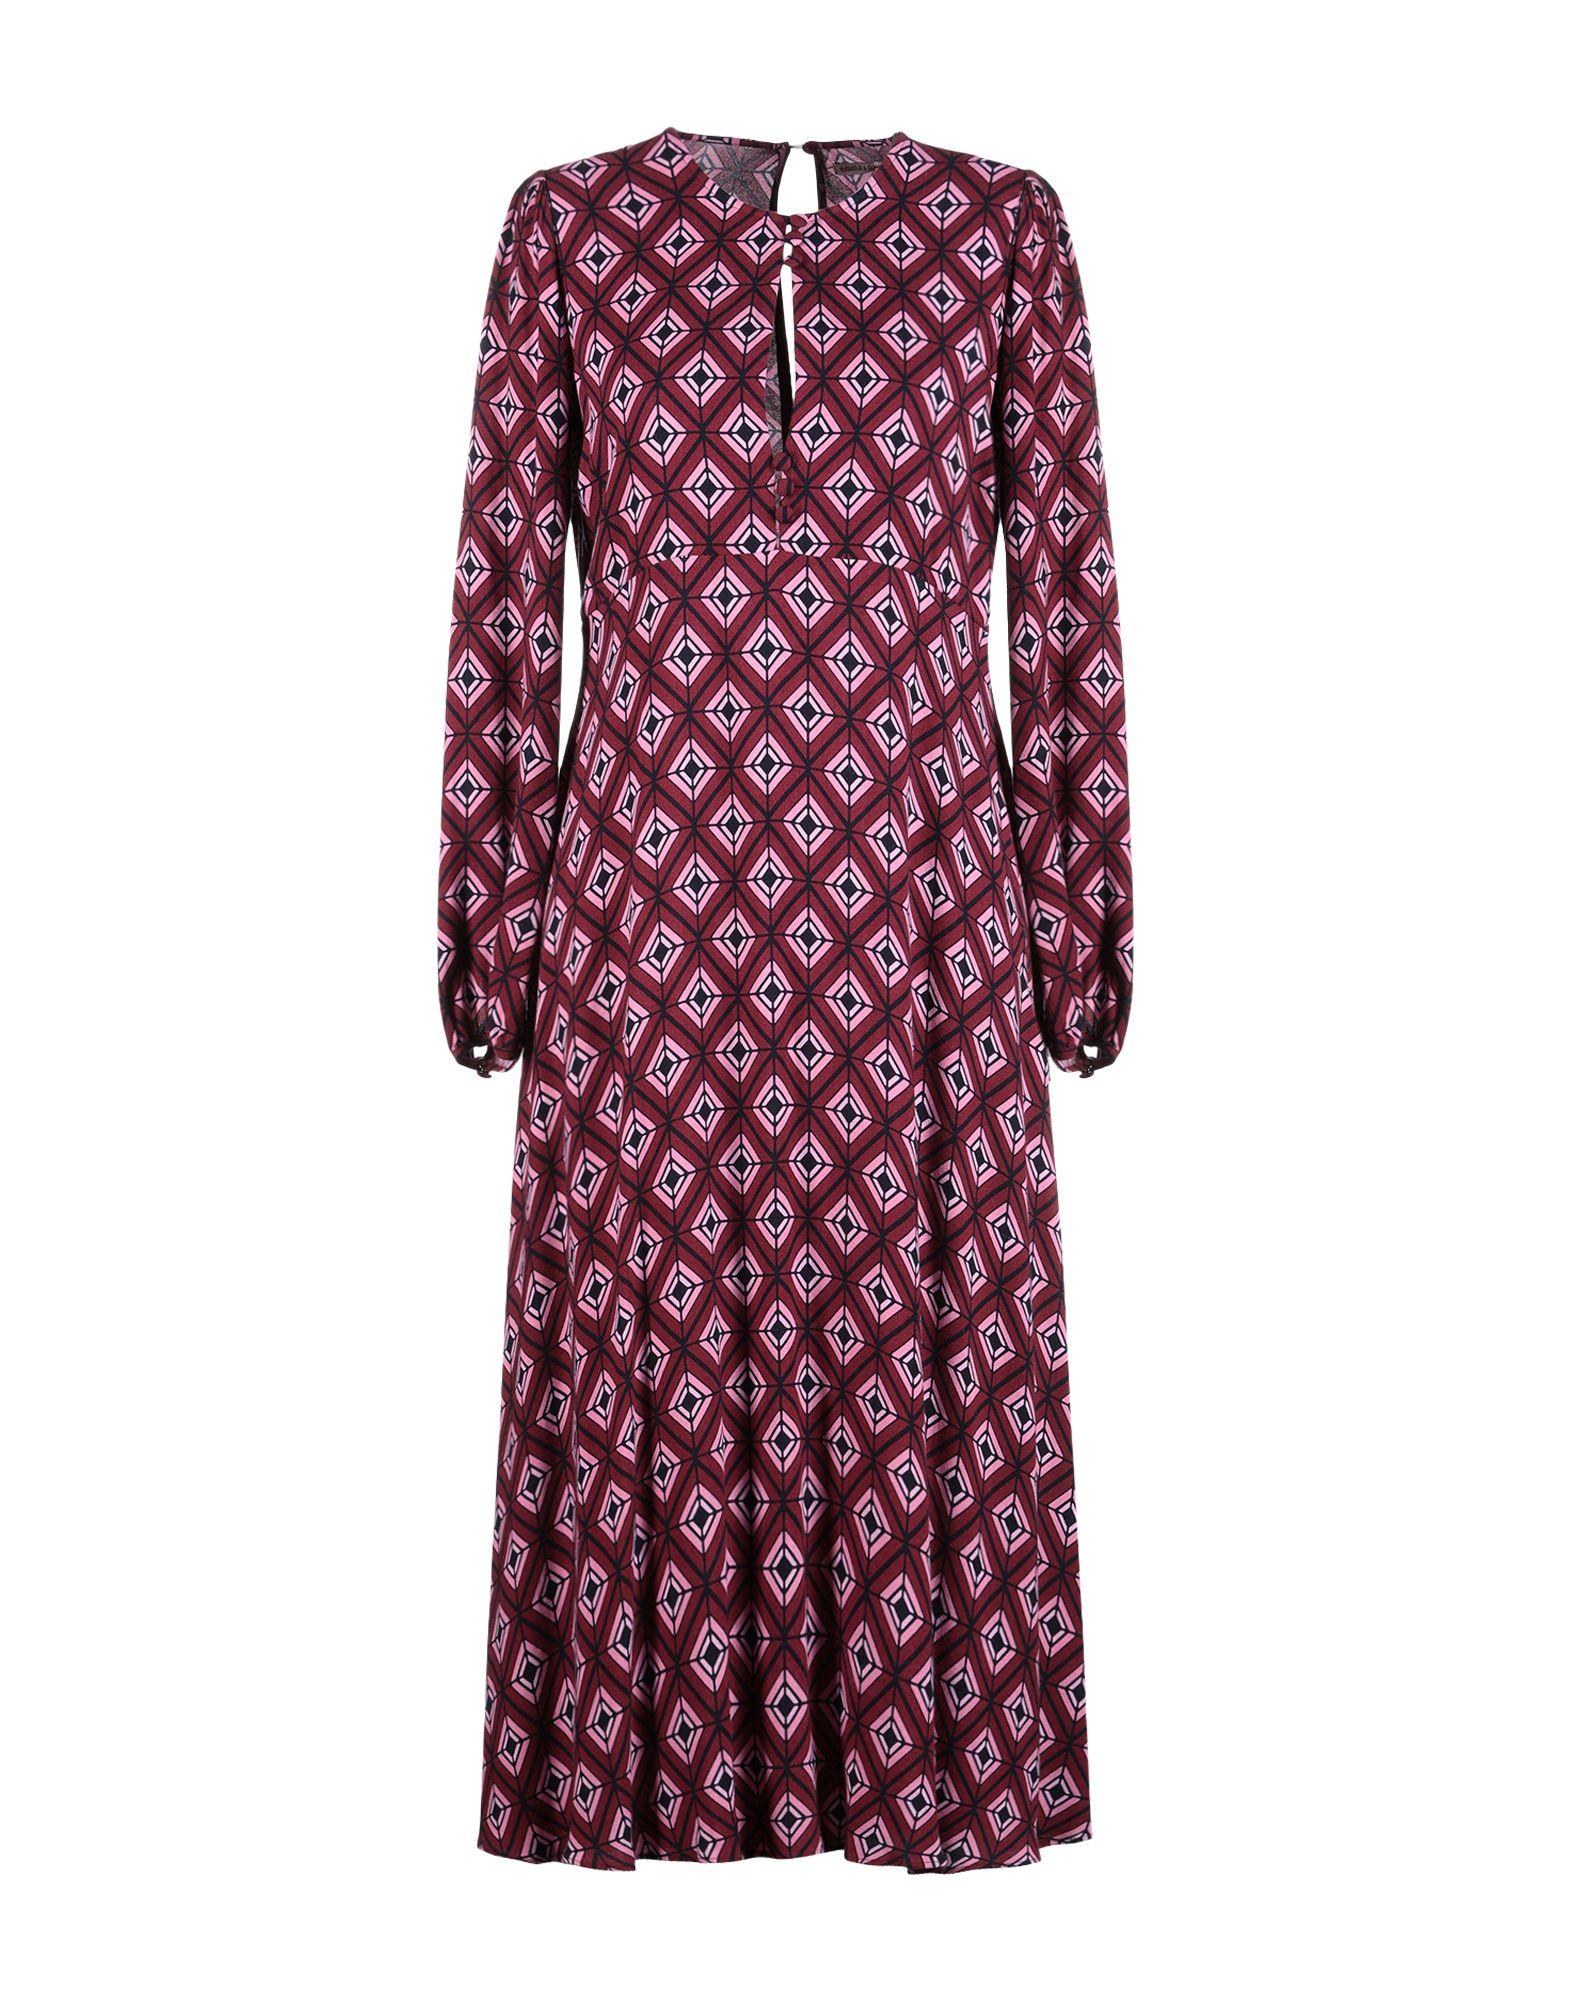 EMMA & GAIA Платье длиной 3/4 красное боди emma xxl 3xl